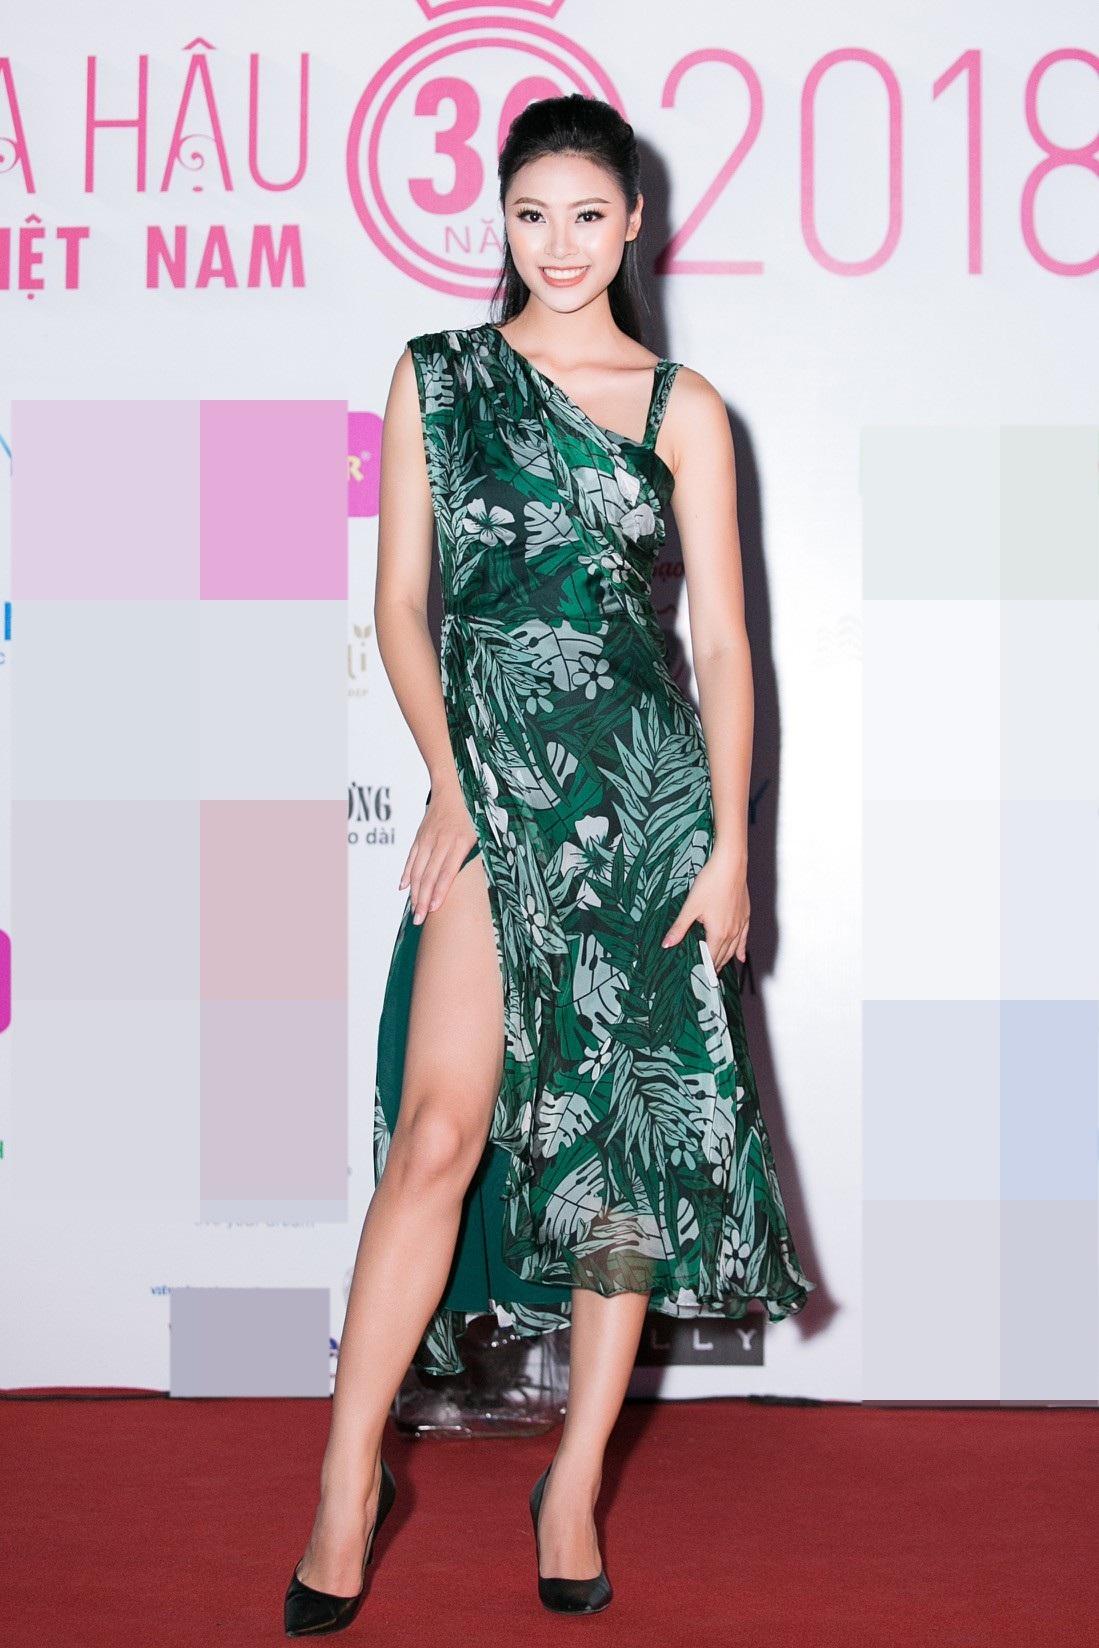 """Hoa hậu Bùi Bích Phương diện đầm trễ ngực, """"át"""" cả sự gợi cảm của đàn em - Ảnh 6."""